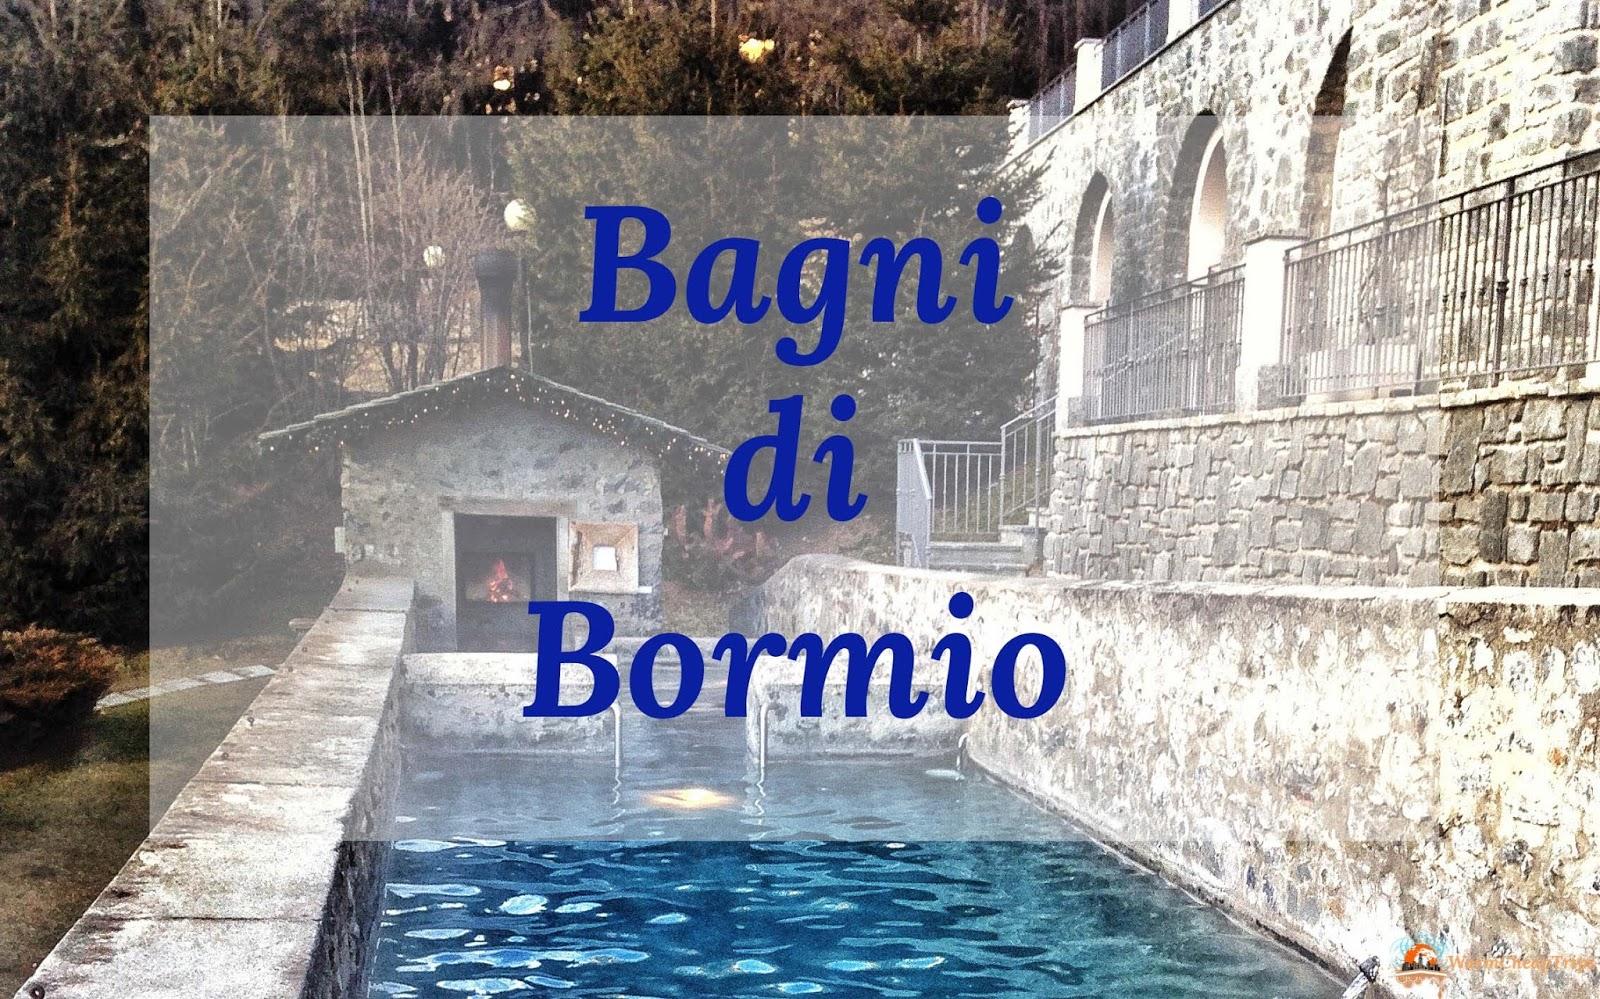 Bagni di bormio un paradiso termale tra le montagne warmcheaptrips - Bormio bagni vecchi ...